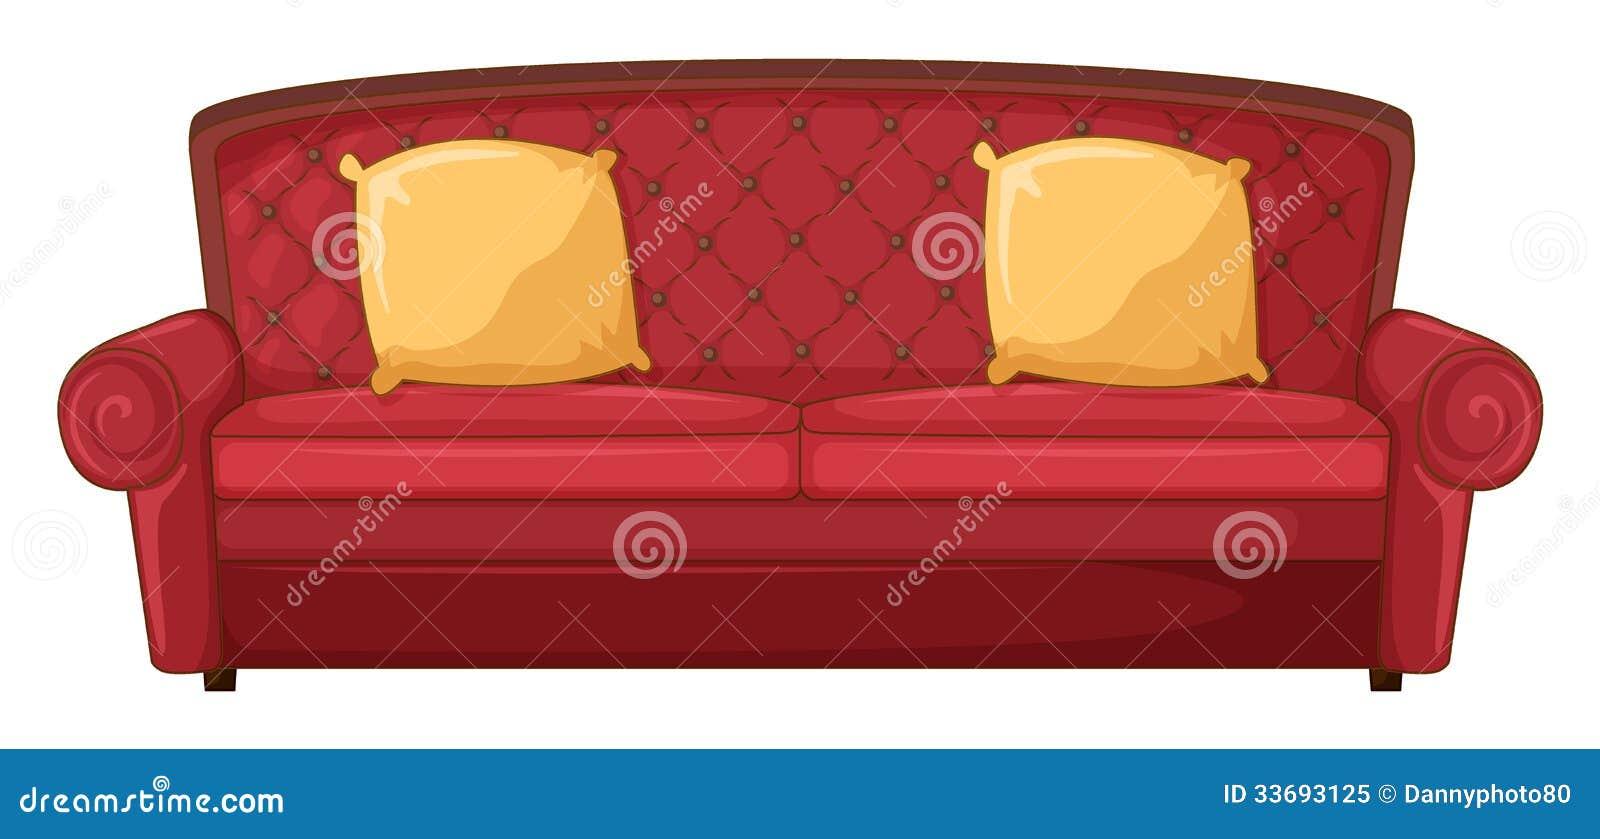 un sofa rouge et des coussins jaunes illustration stock. Black Bedroom Furniture Sets. Home Design Ideas